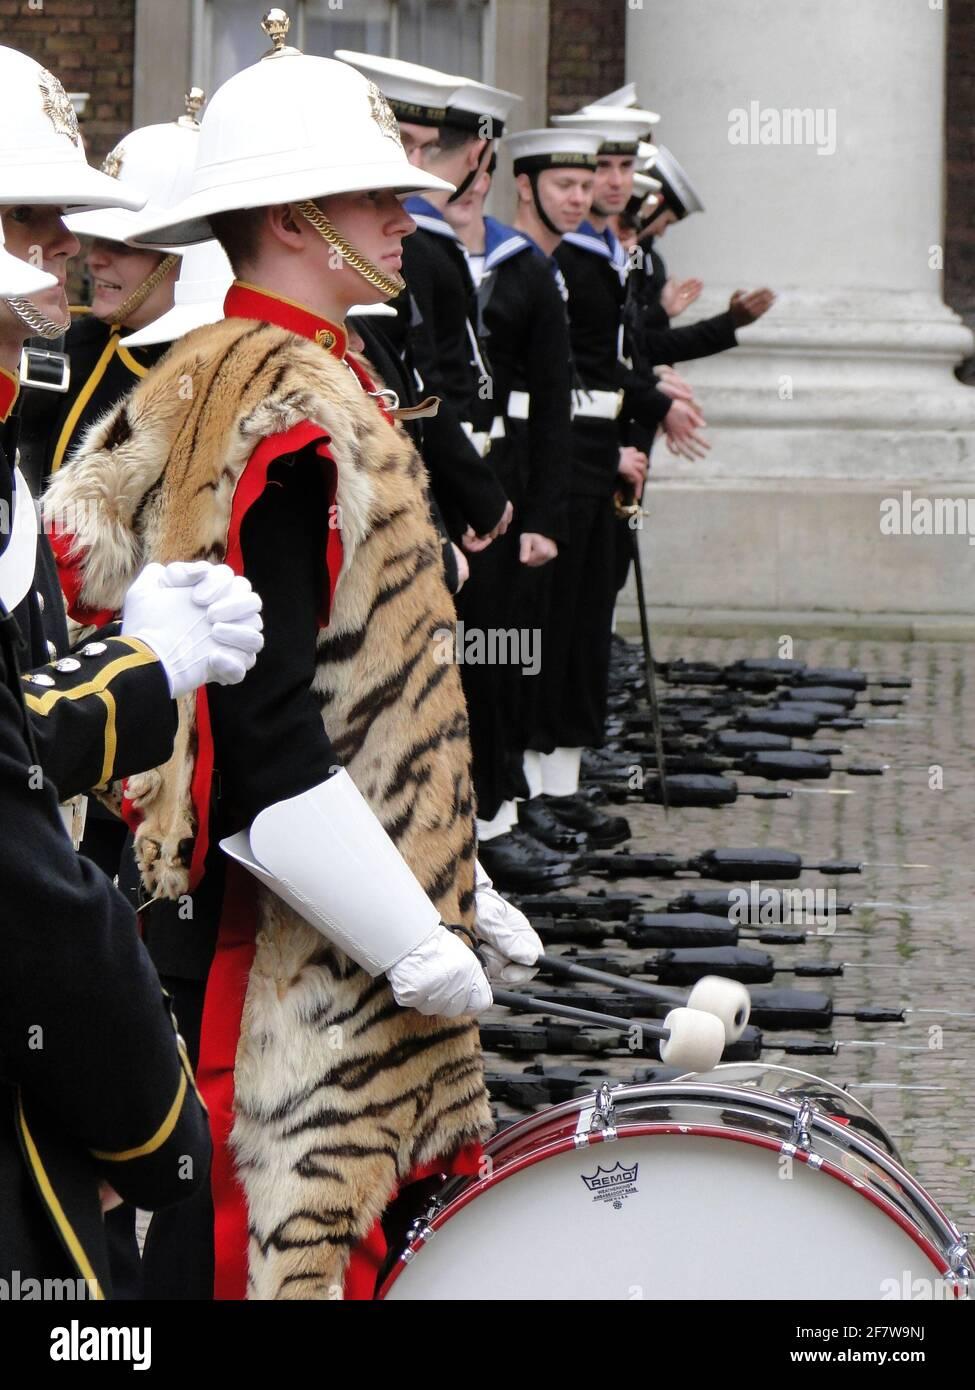 La Reina presenta formalmente al Duque de Edimburgo el título y la oficina de Lord Almirante de la Marina en Whitehall, para conmemorar su 90th aniversario. Londres, Reino Unido Foto de stock